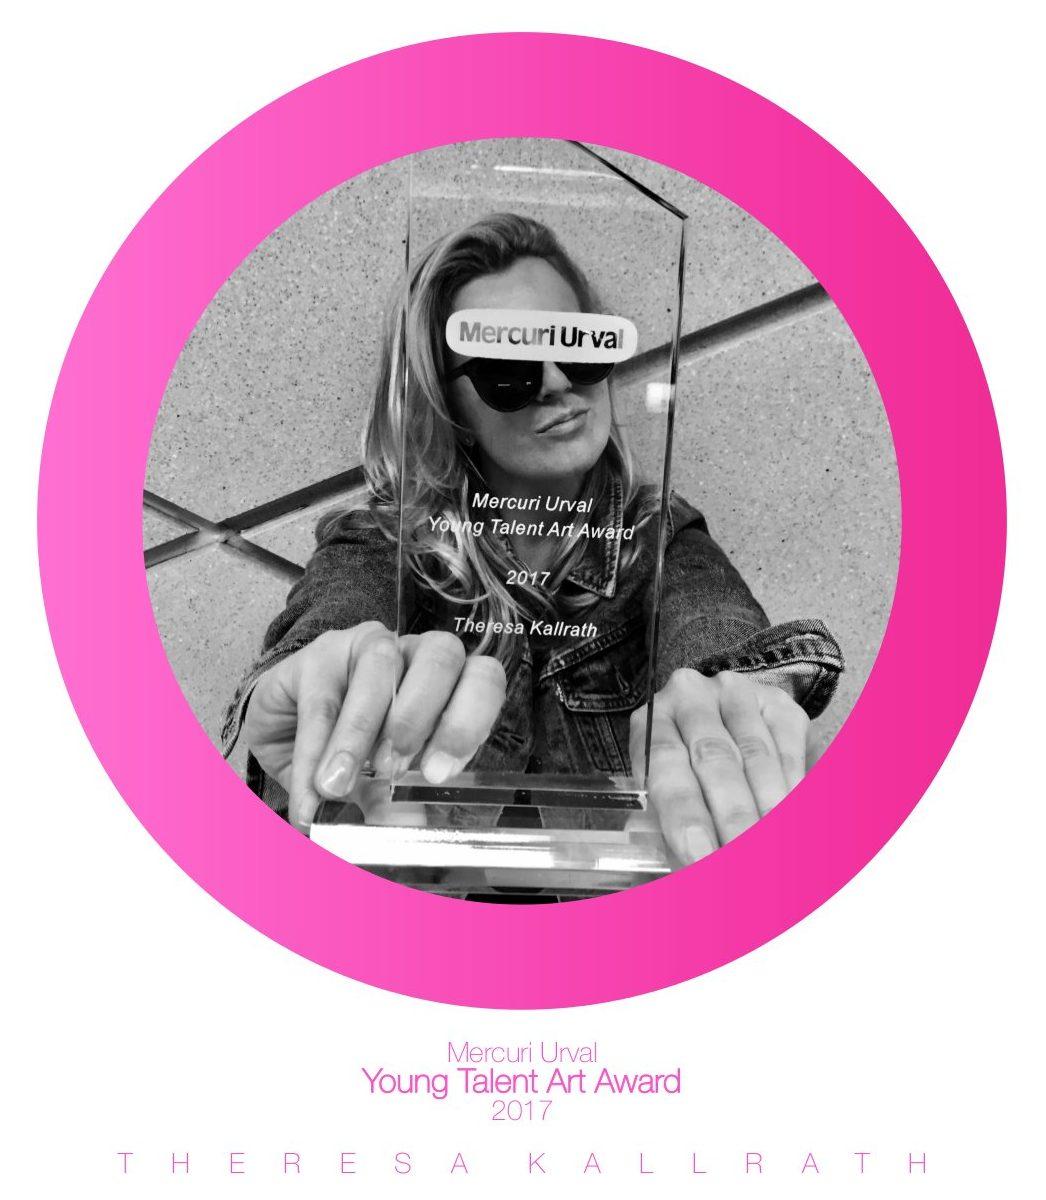 Mercuri Urval Young Art AWARD 2017 Theresa Kallrath